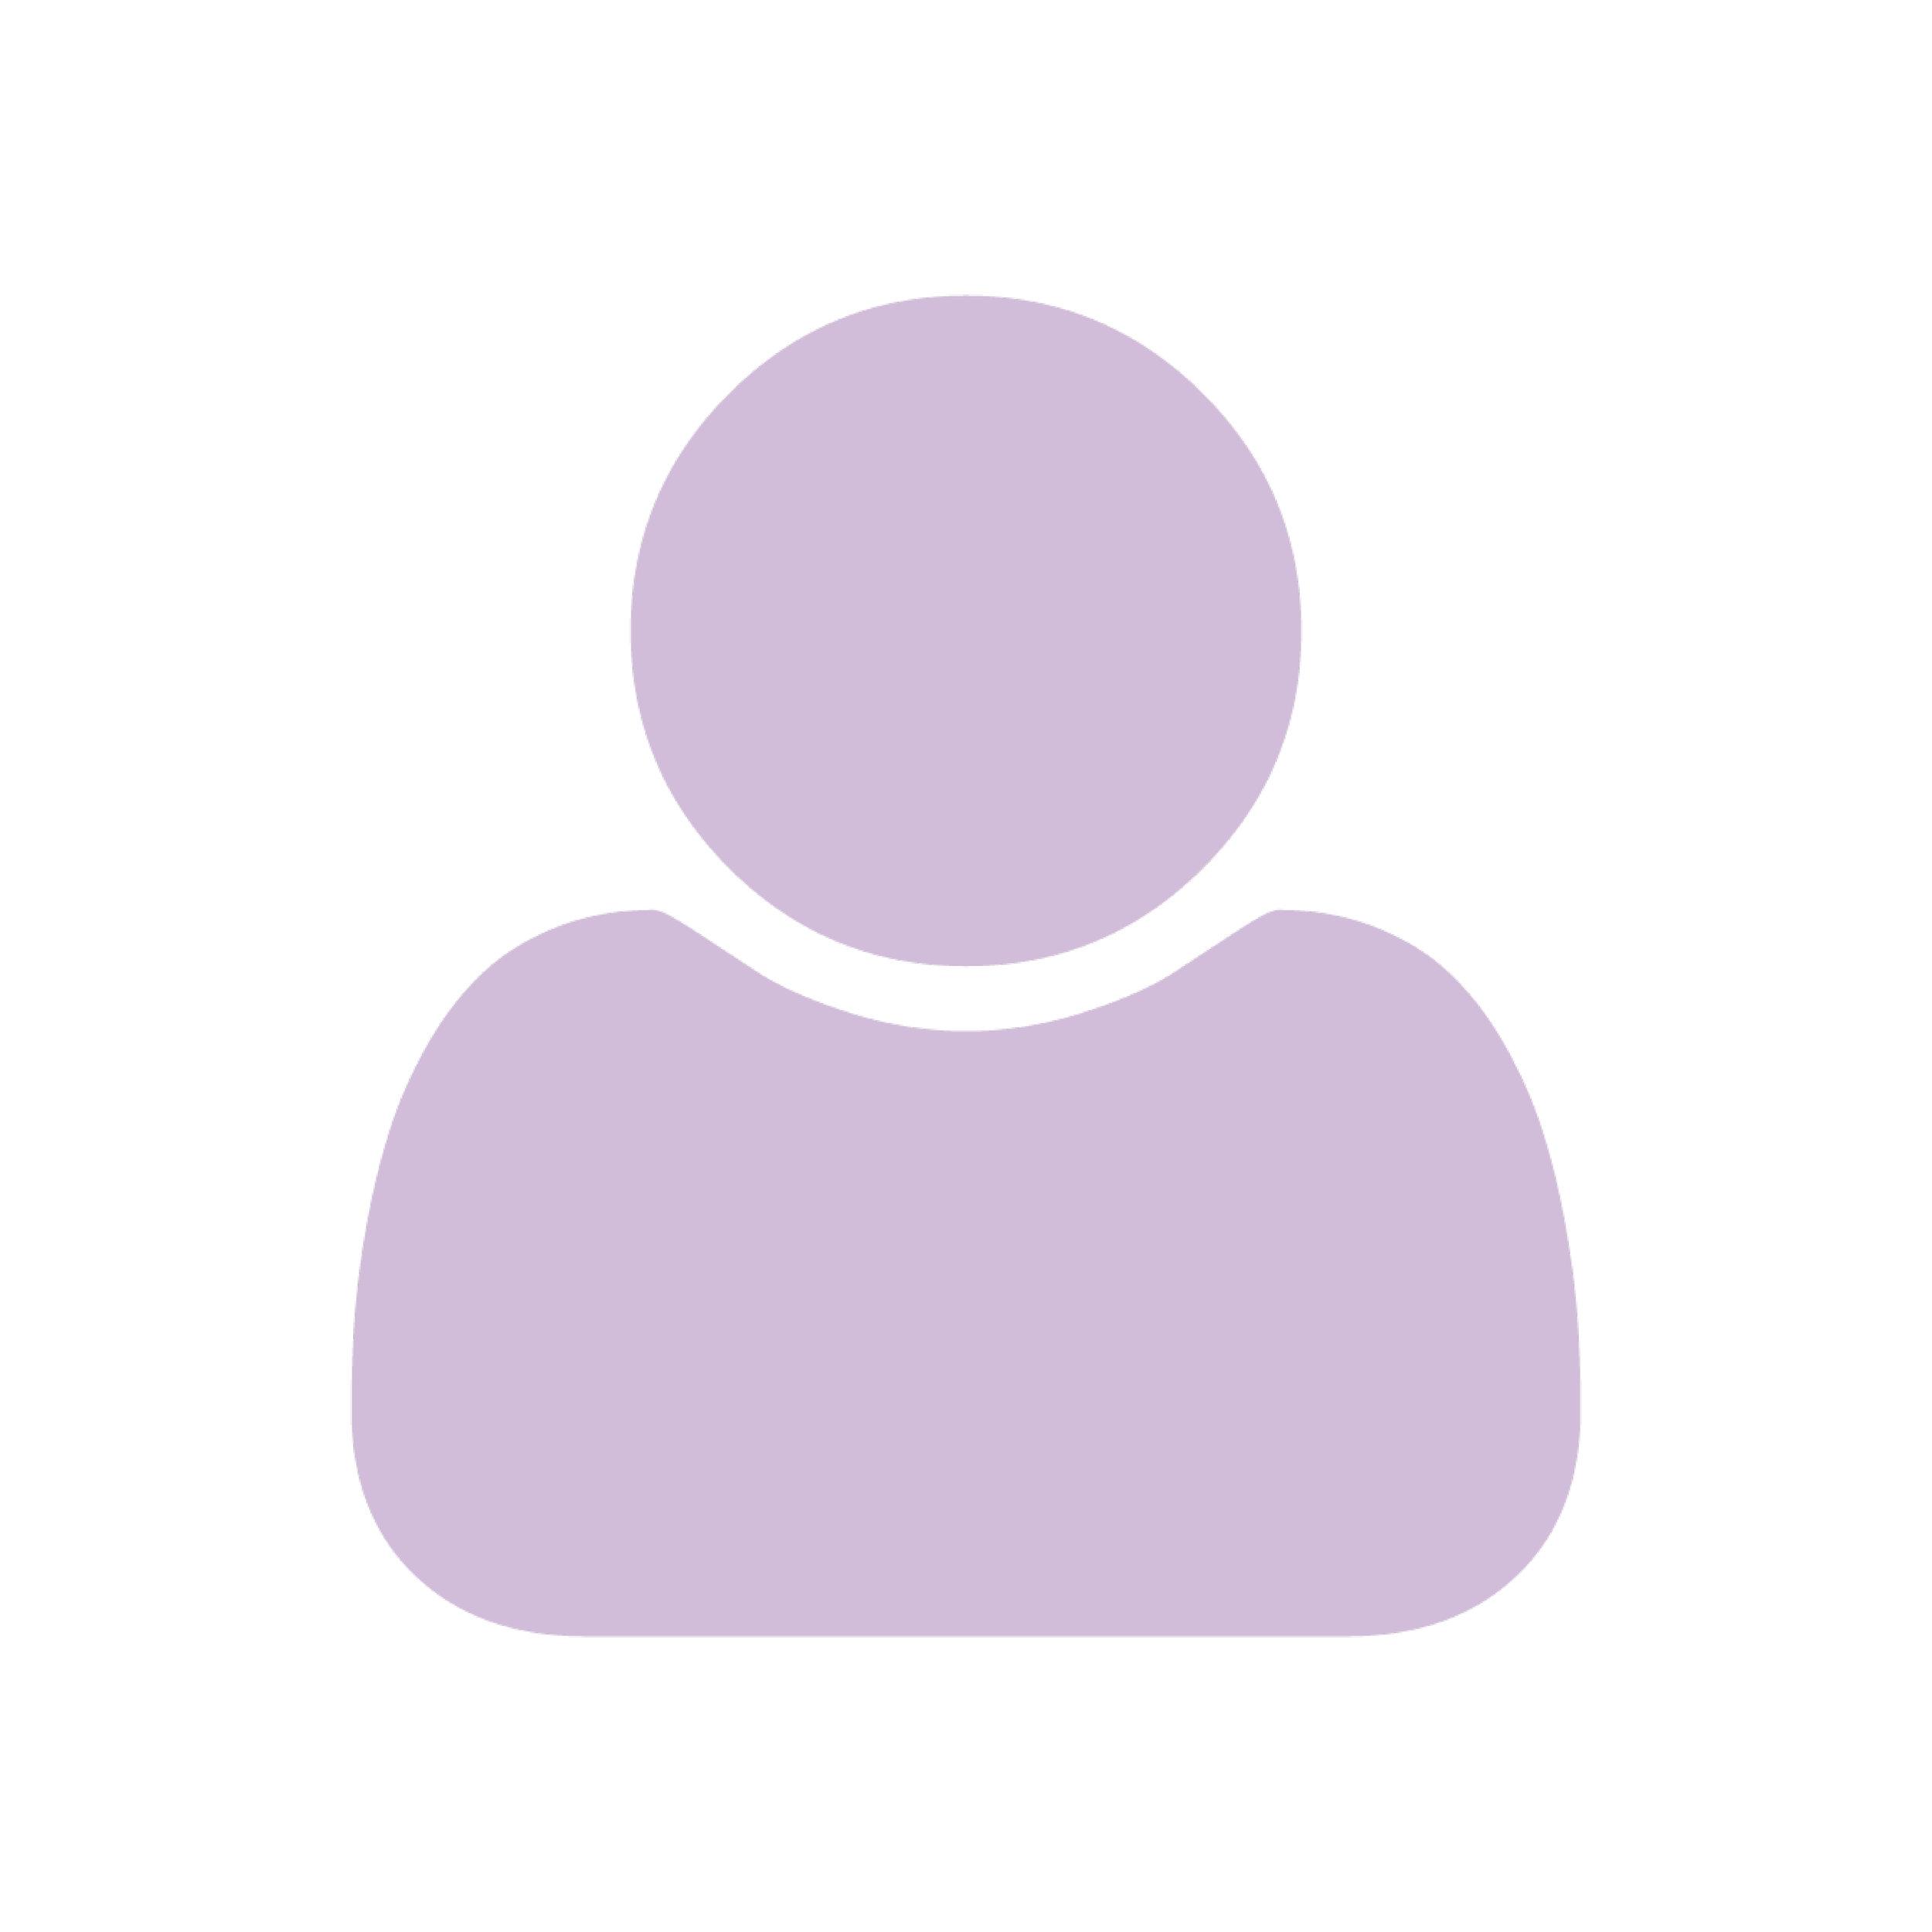 icon-person-icon.jpg